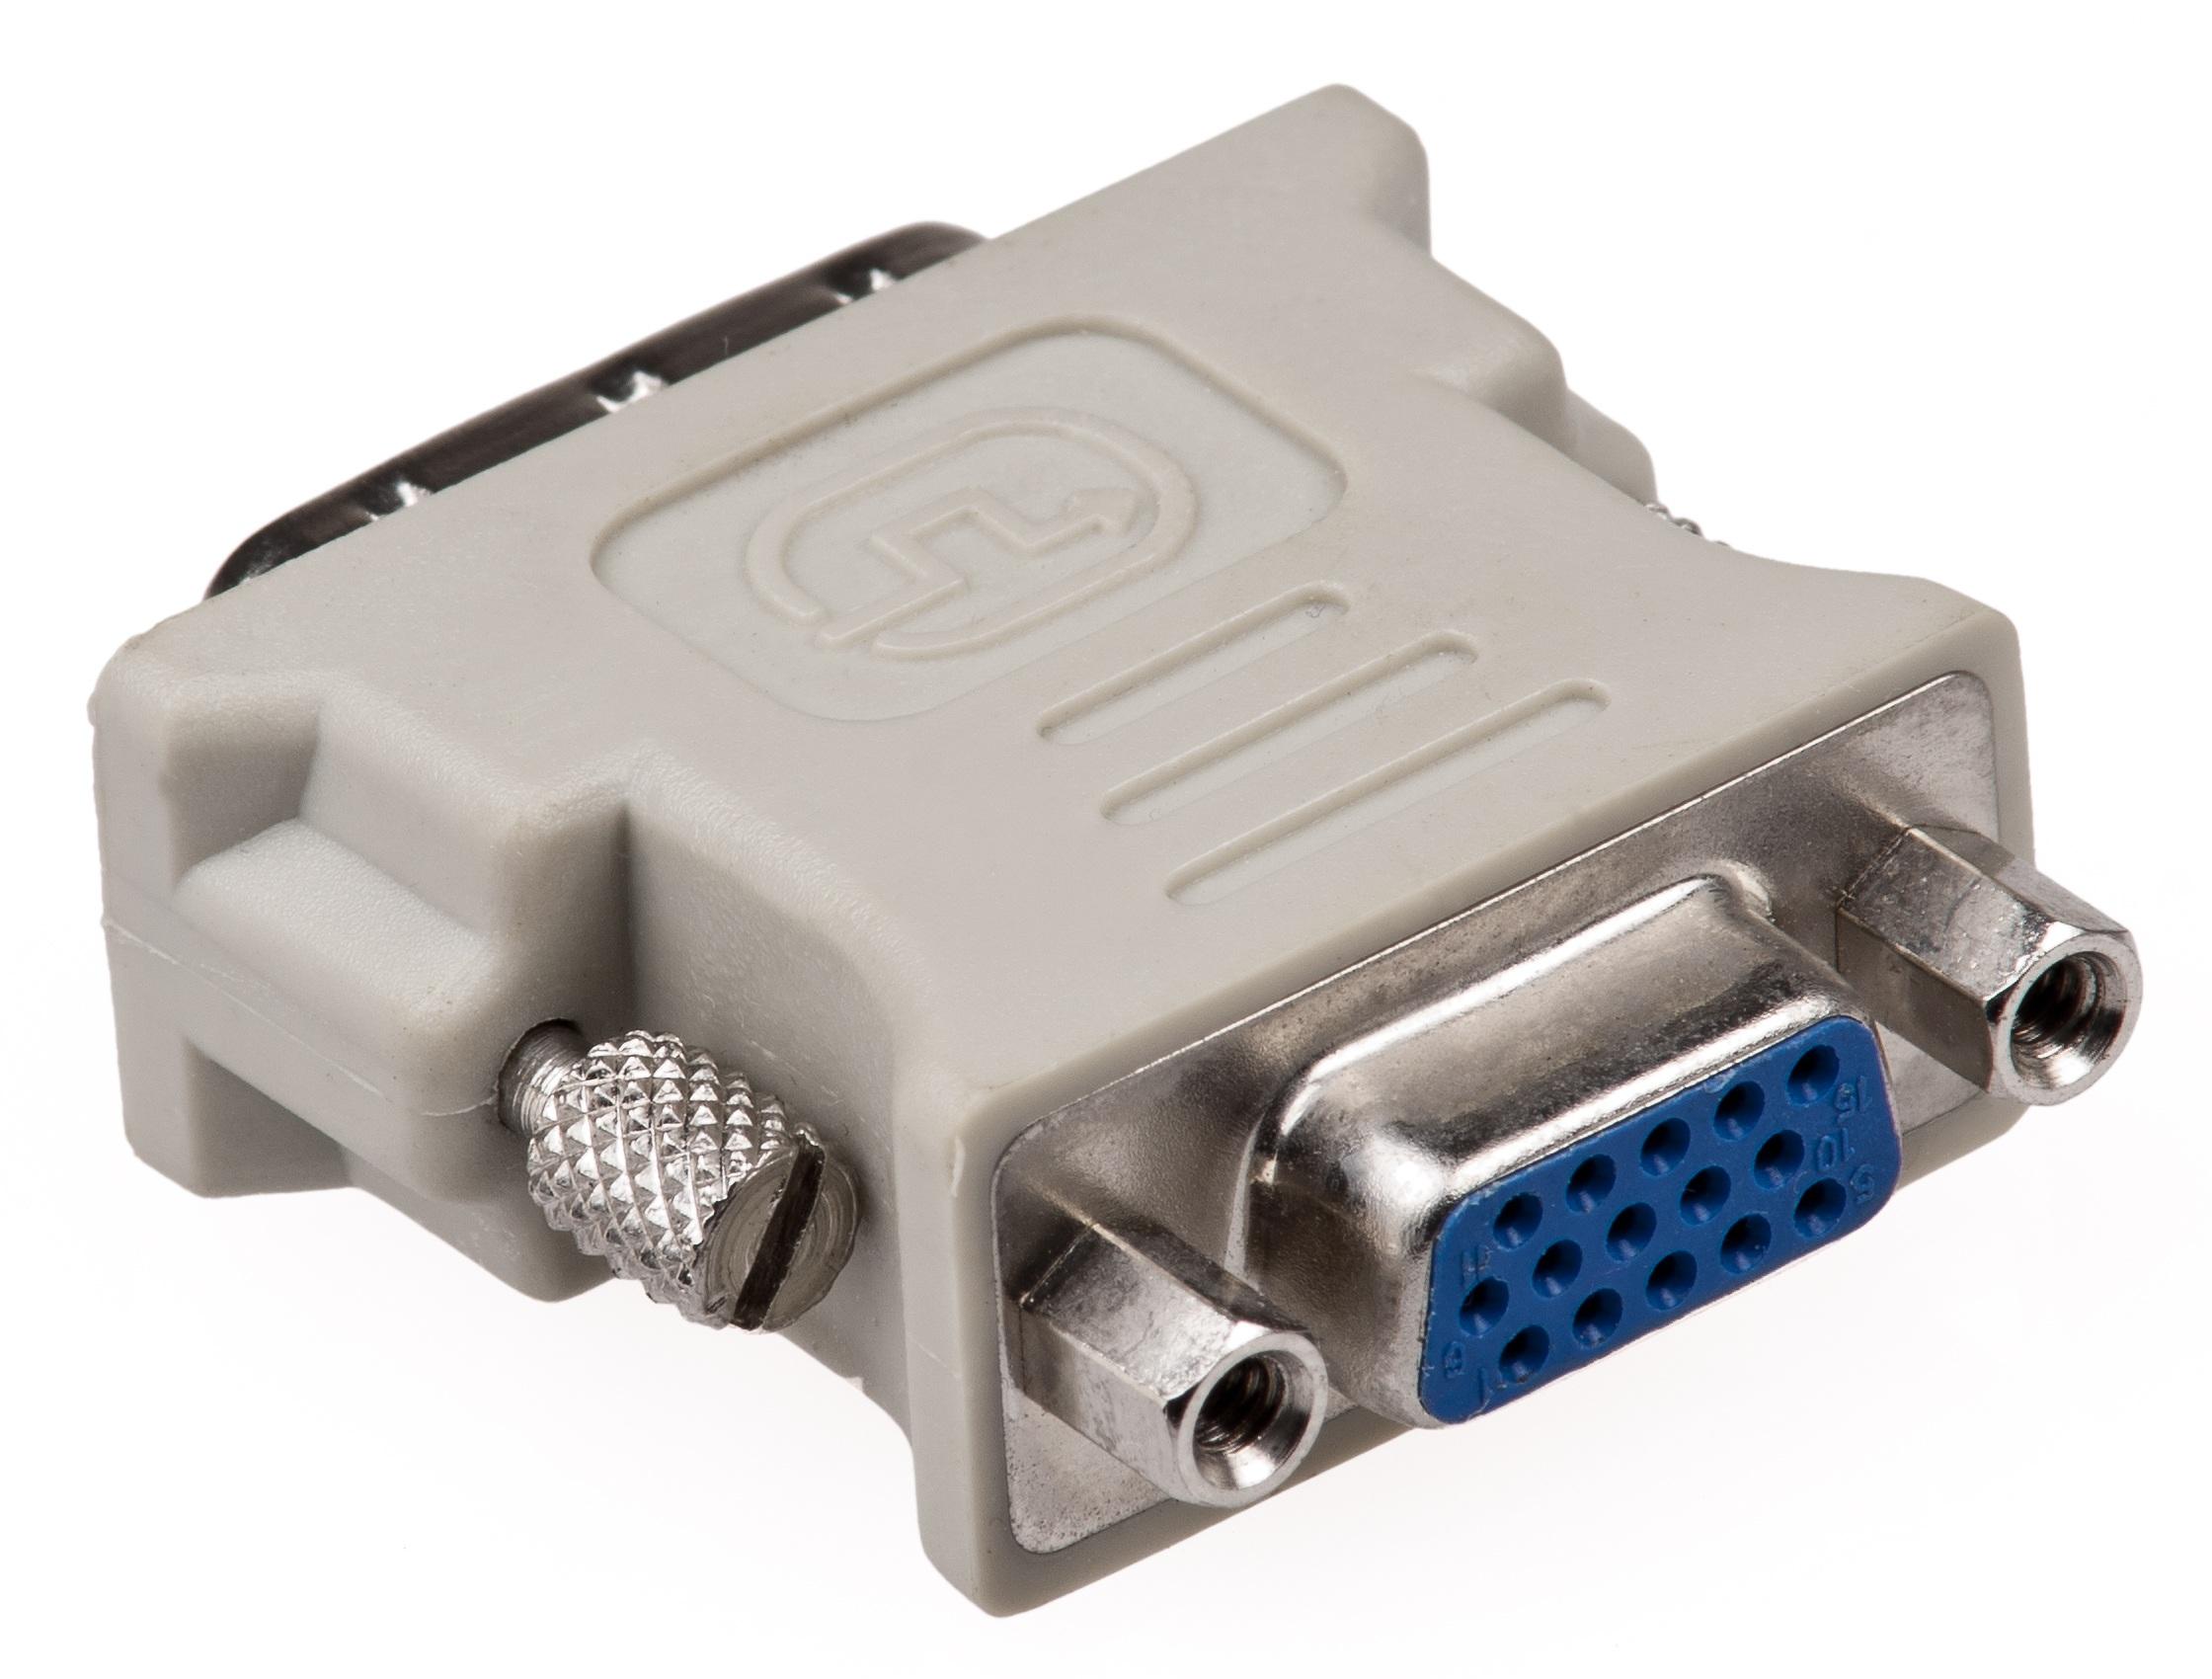 Gambar Teknologi Adaptor Dvi Vga Peralatan Elektronik Listrik Kabel Aksesori Konektor Serial